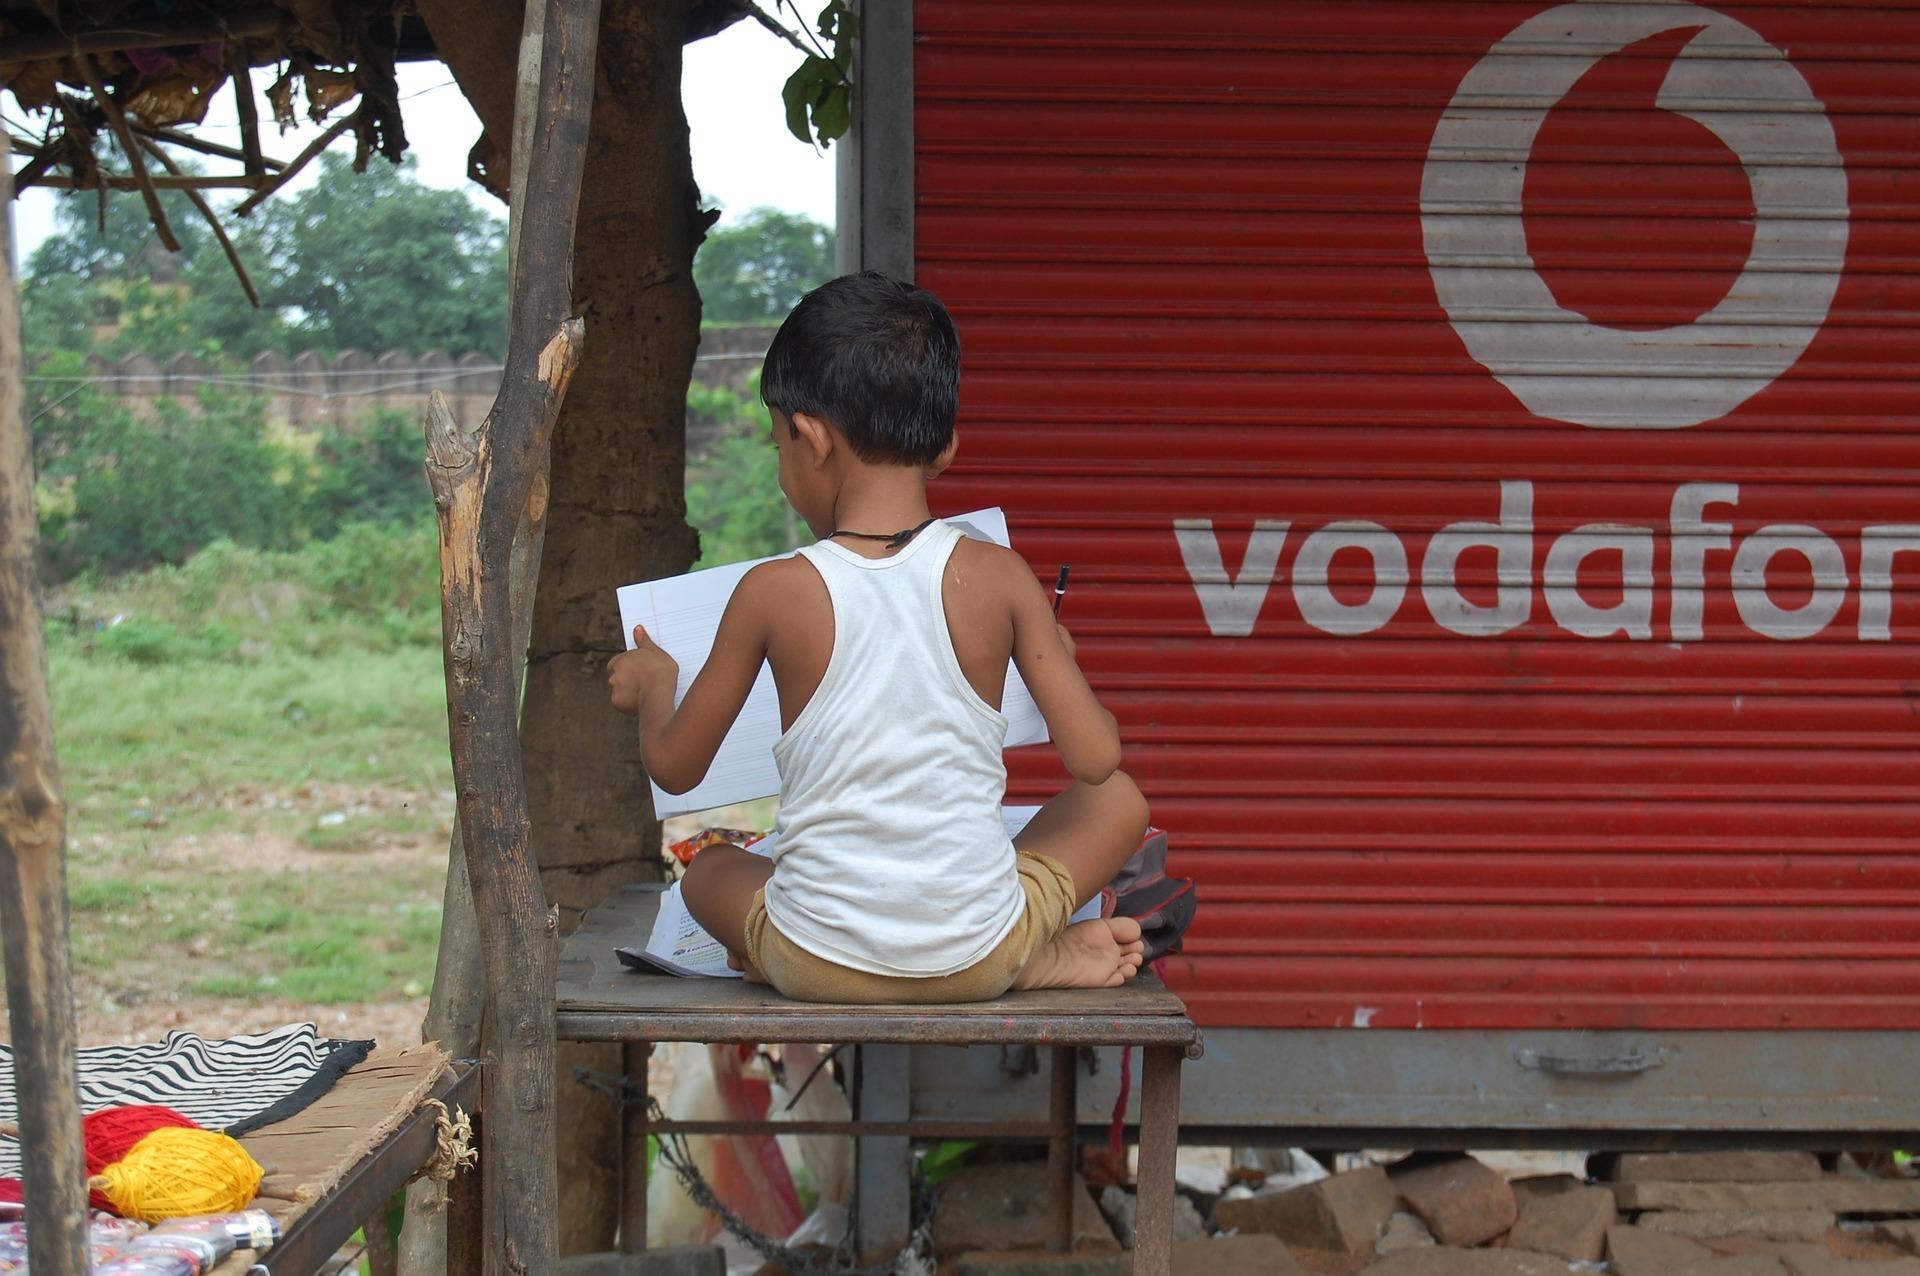 Indischer Junge vor Vodafone Signet